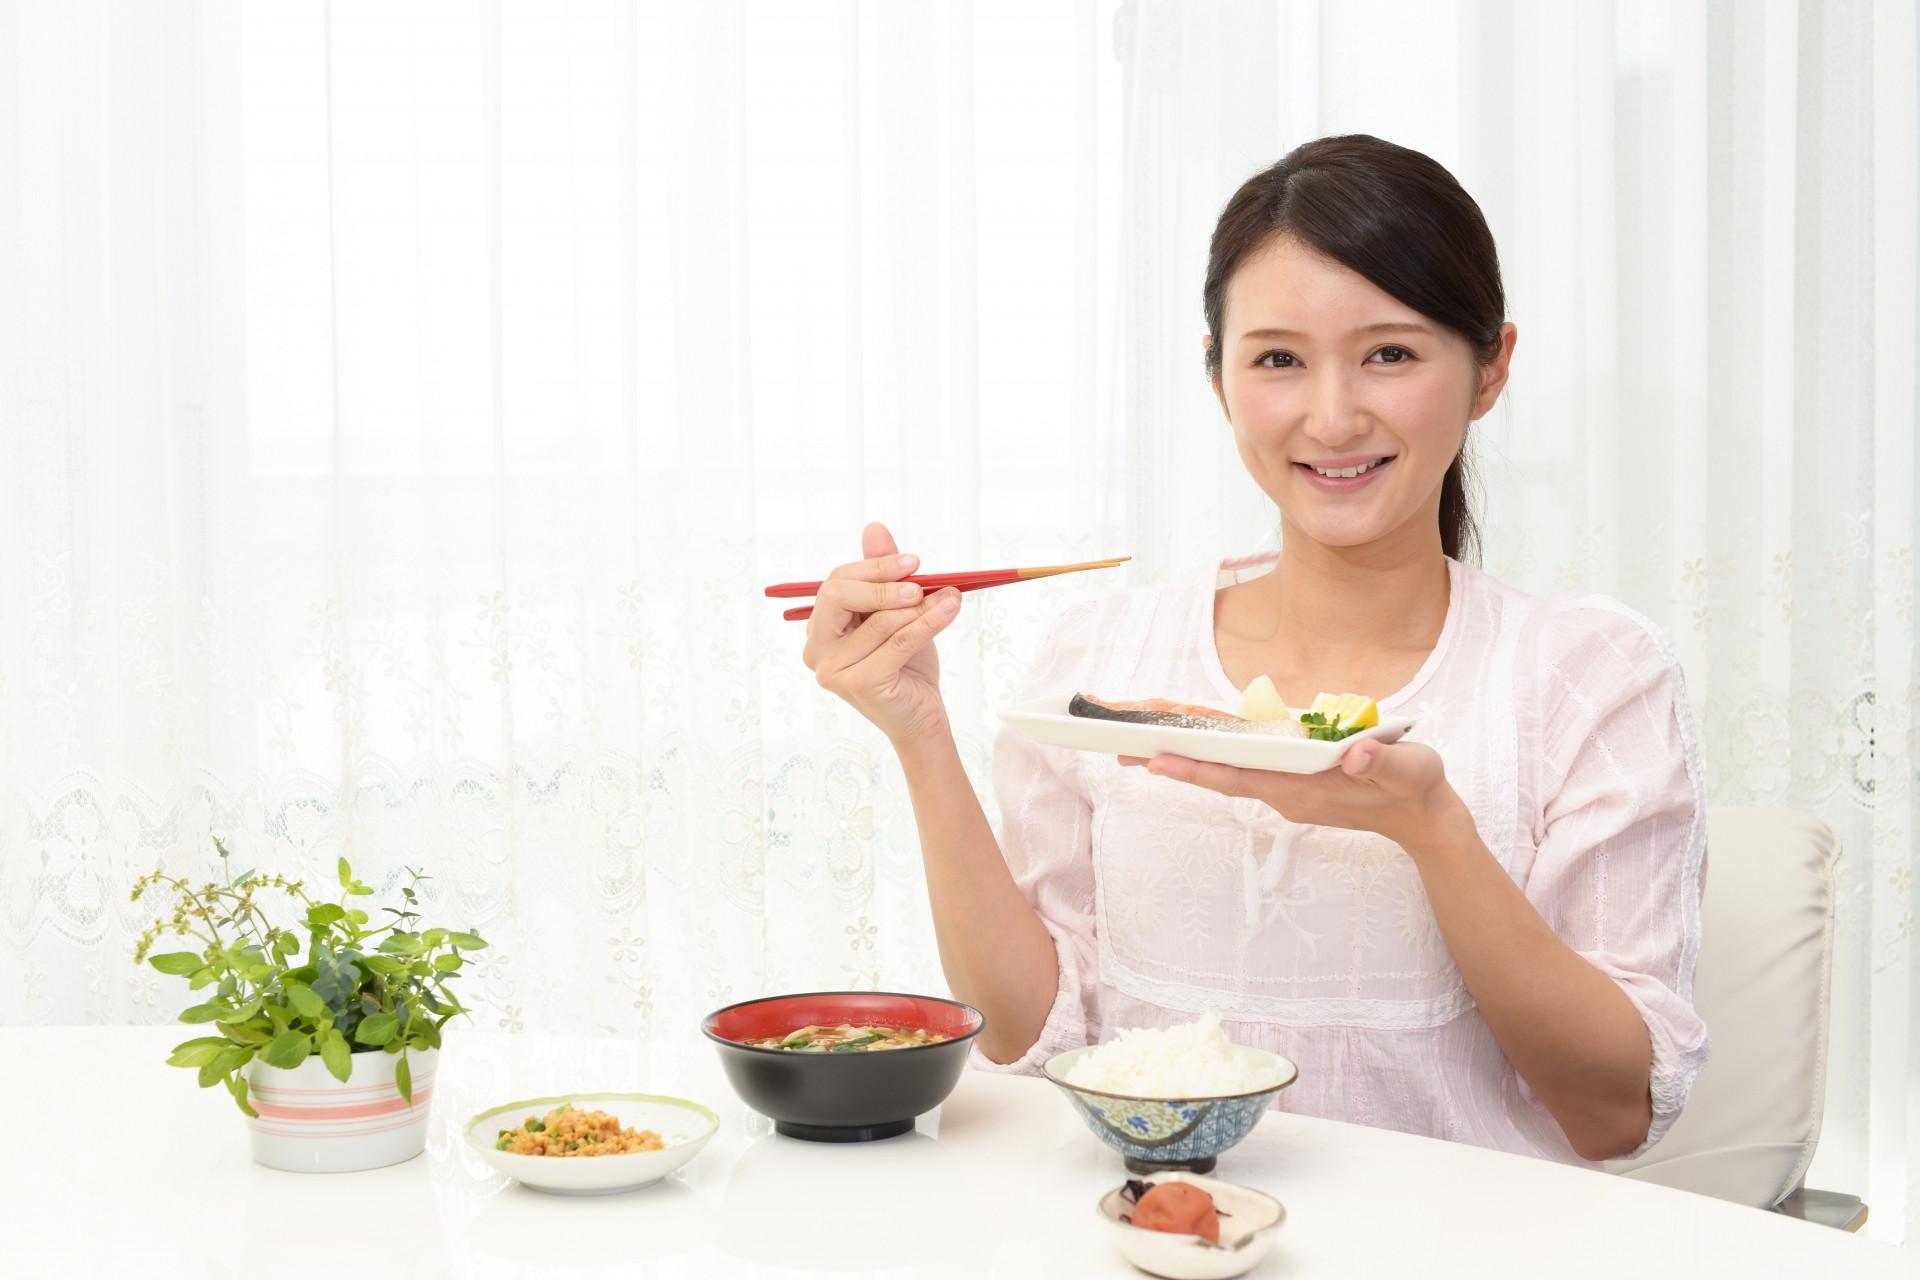 ご飯を食べる女性の写真